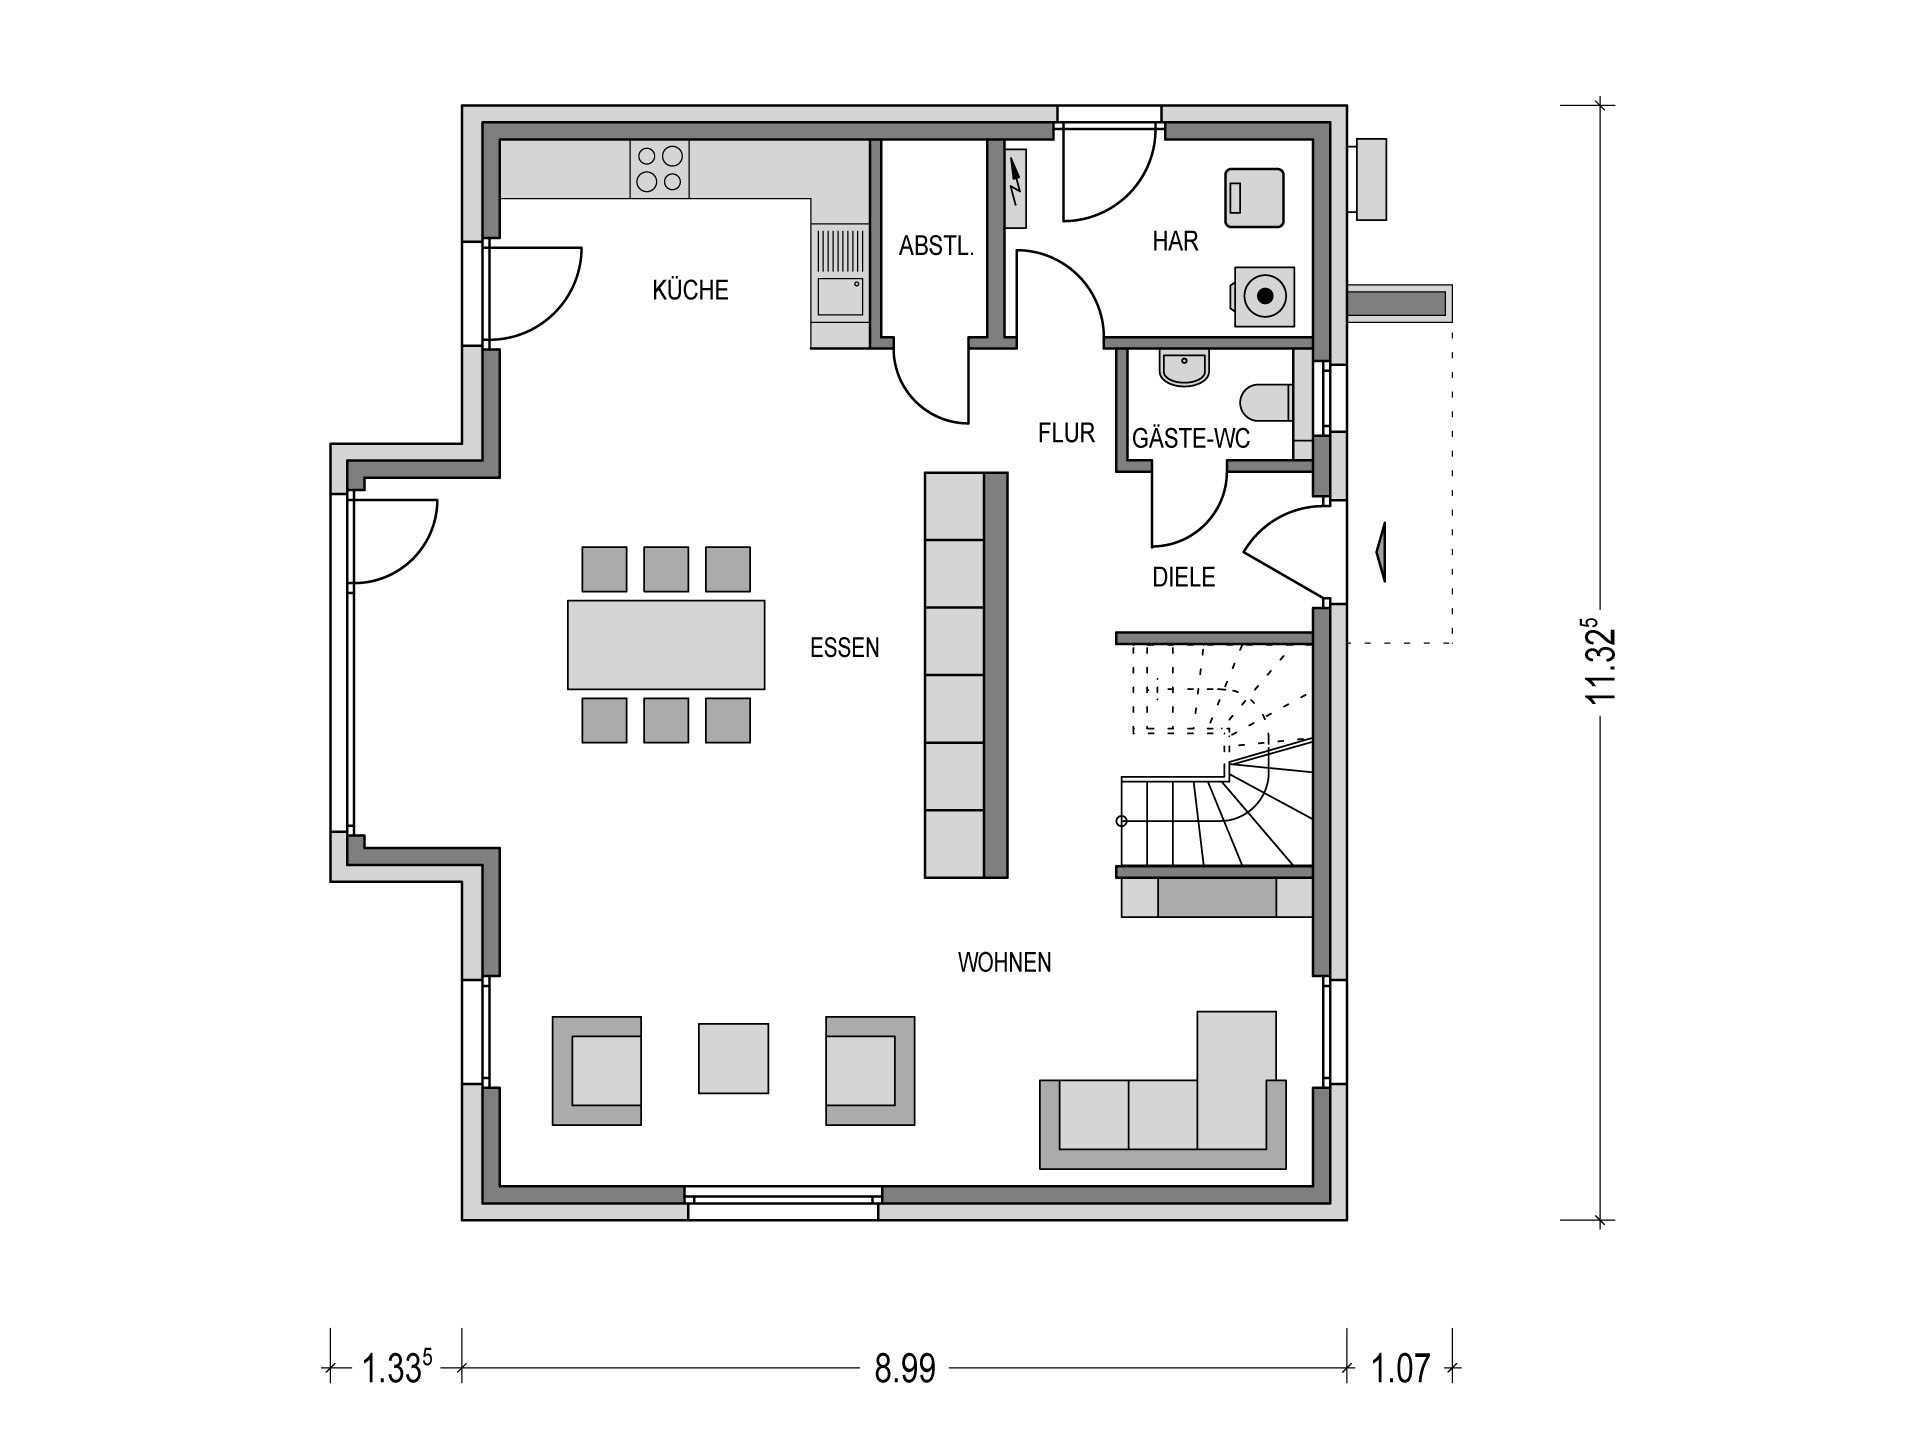 Einfamilienhaus variant 2000 2 deutsche bauwelten for Grundriss einfamilienhaus 2 vollgeschosse